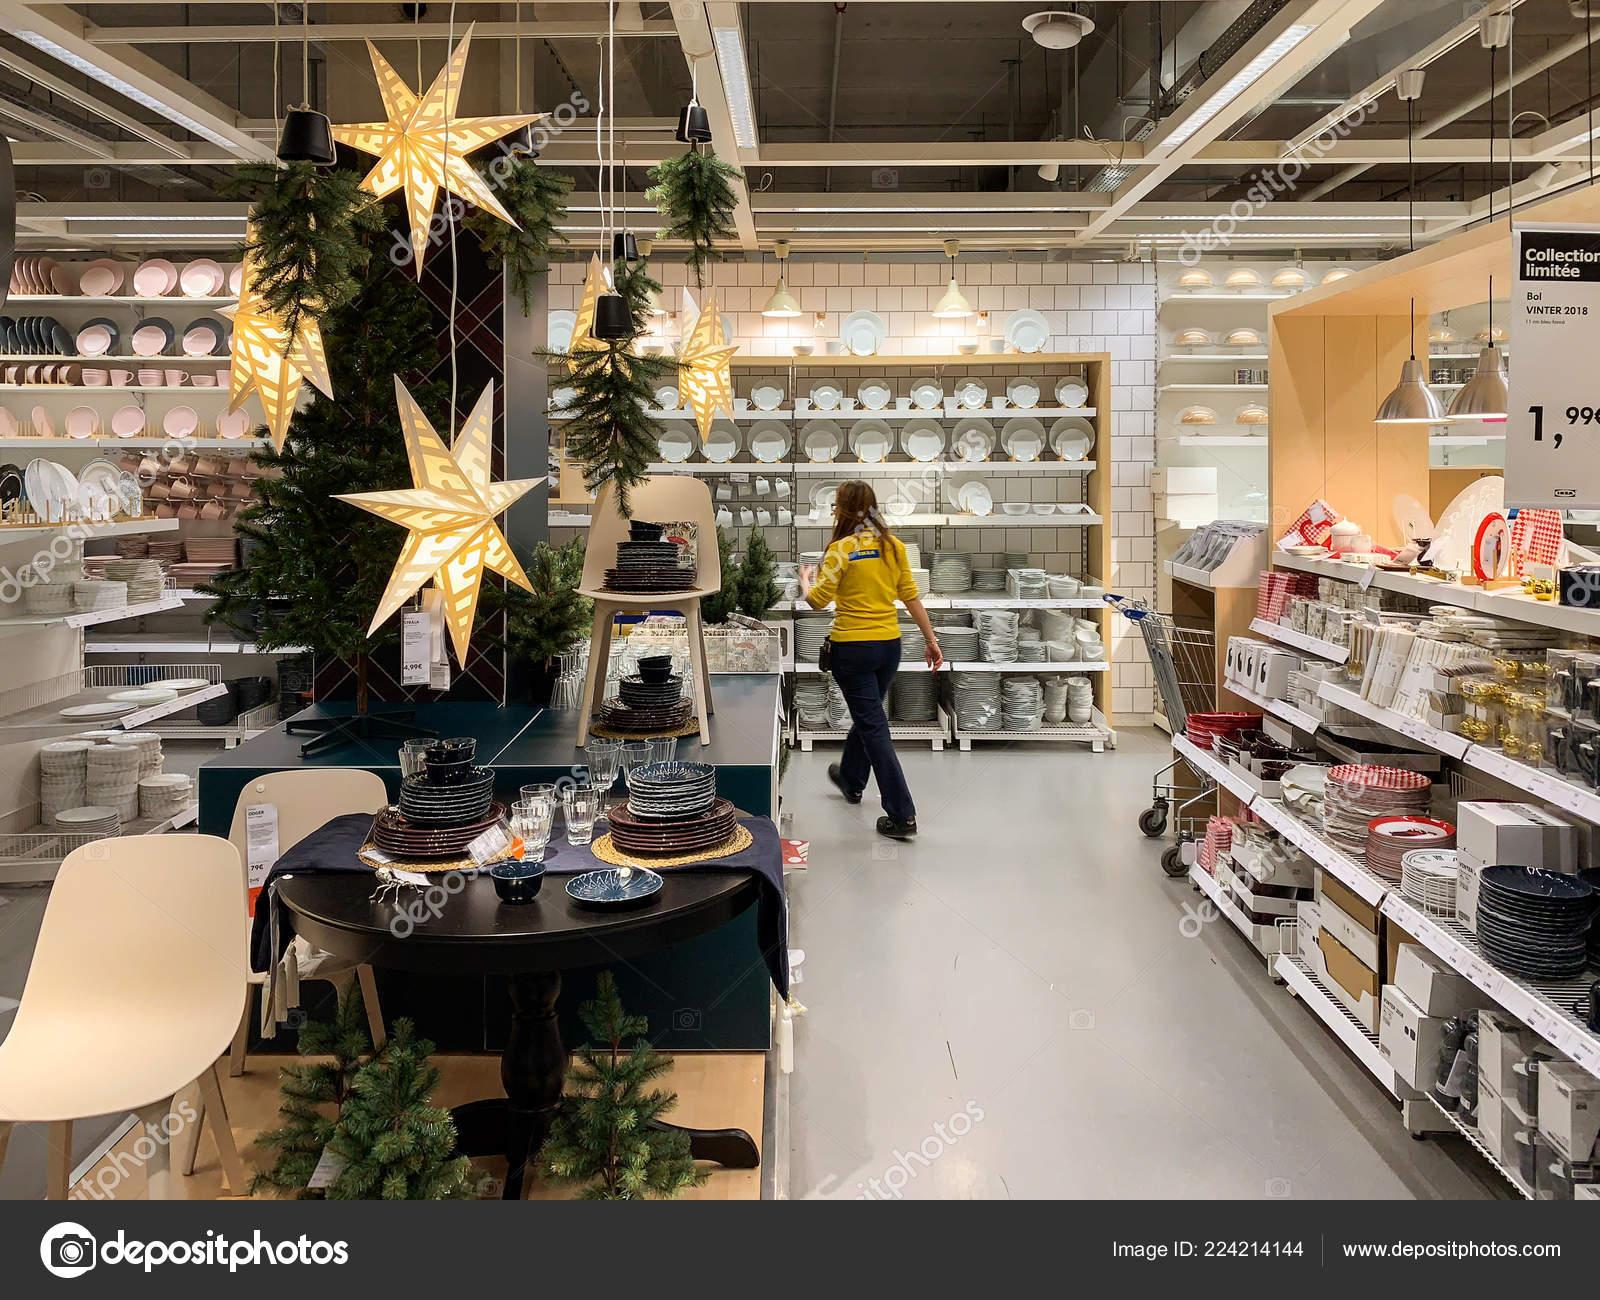 Ikea Weihnachtsbaum.Ikea Möbelhaus Mit Weihnachtsbaum Und Dekoration Redaktionelles